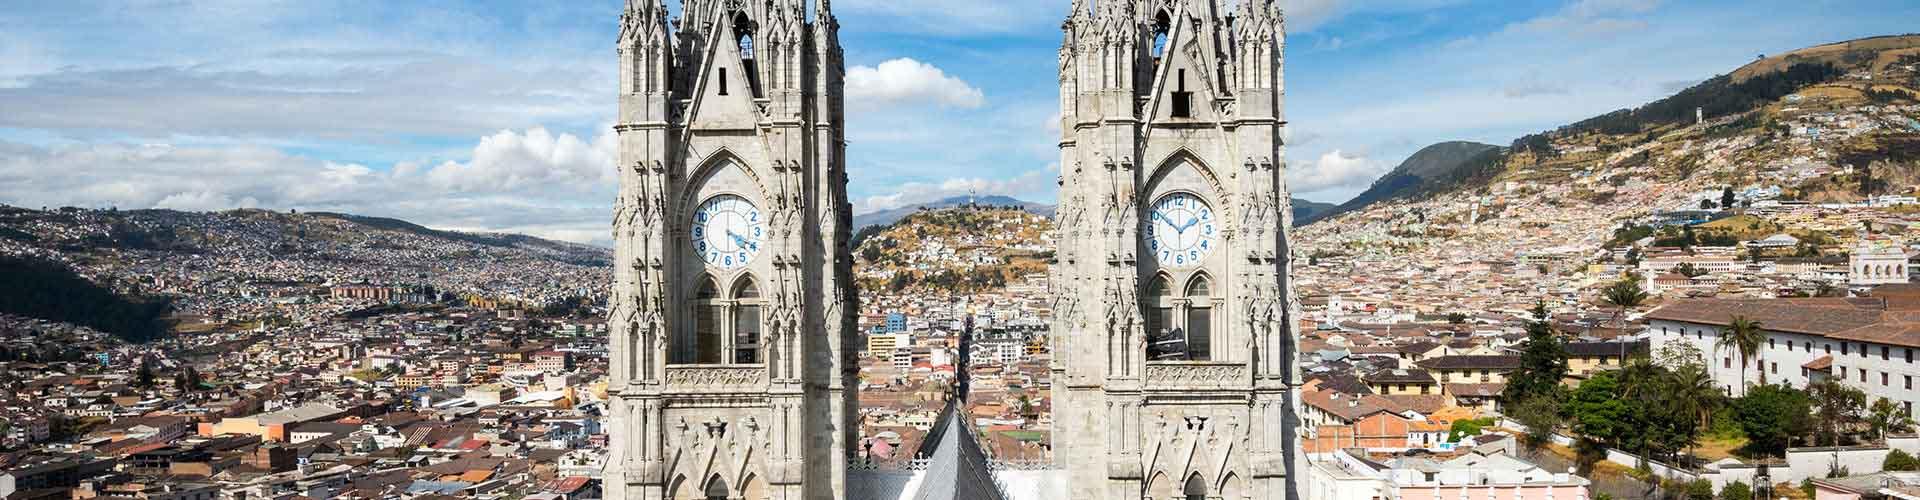 Quito - Habitaciones en Quito. Mapas de Quito, Fotos y comentarios de cada Habitación en Quito.